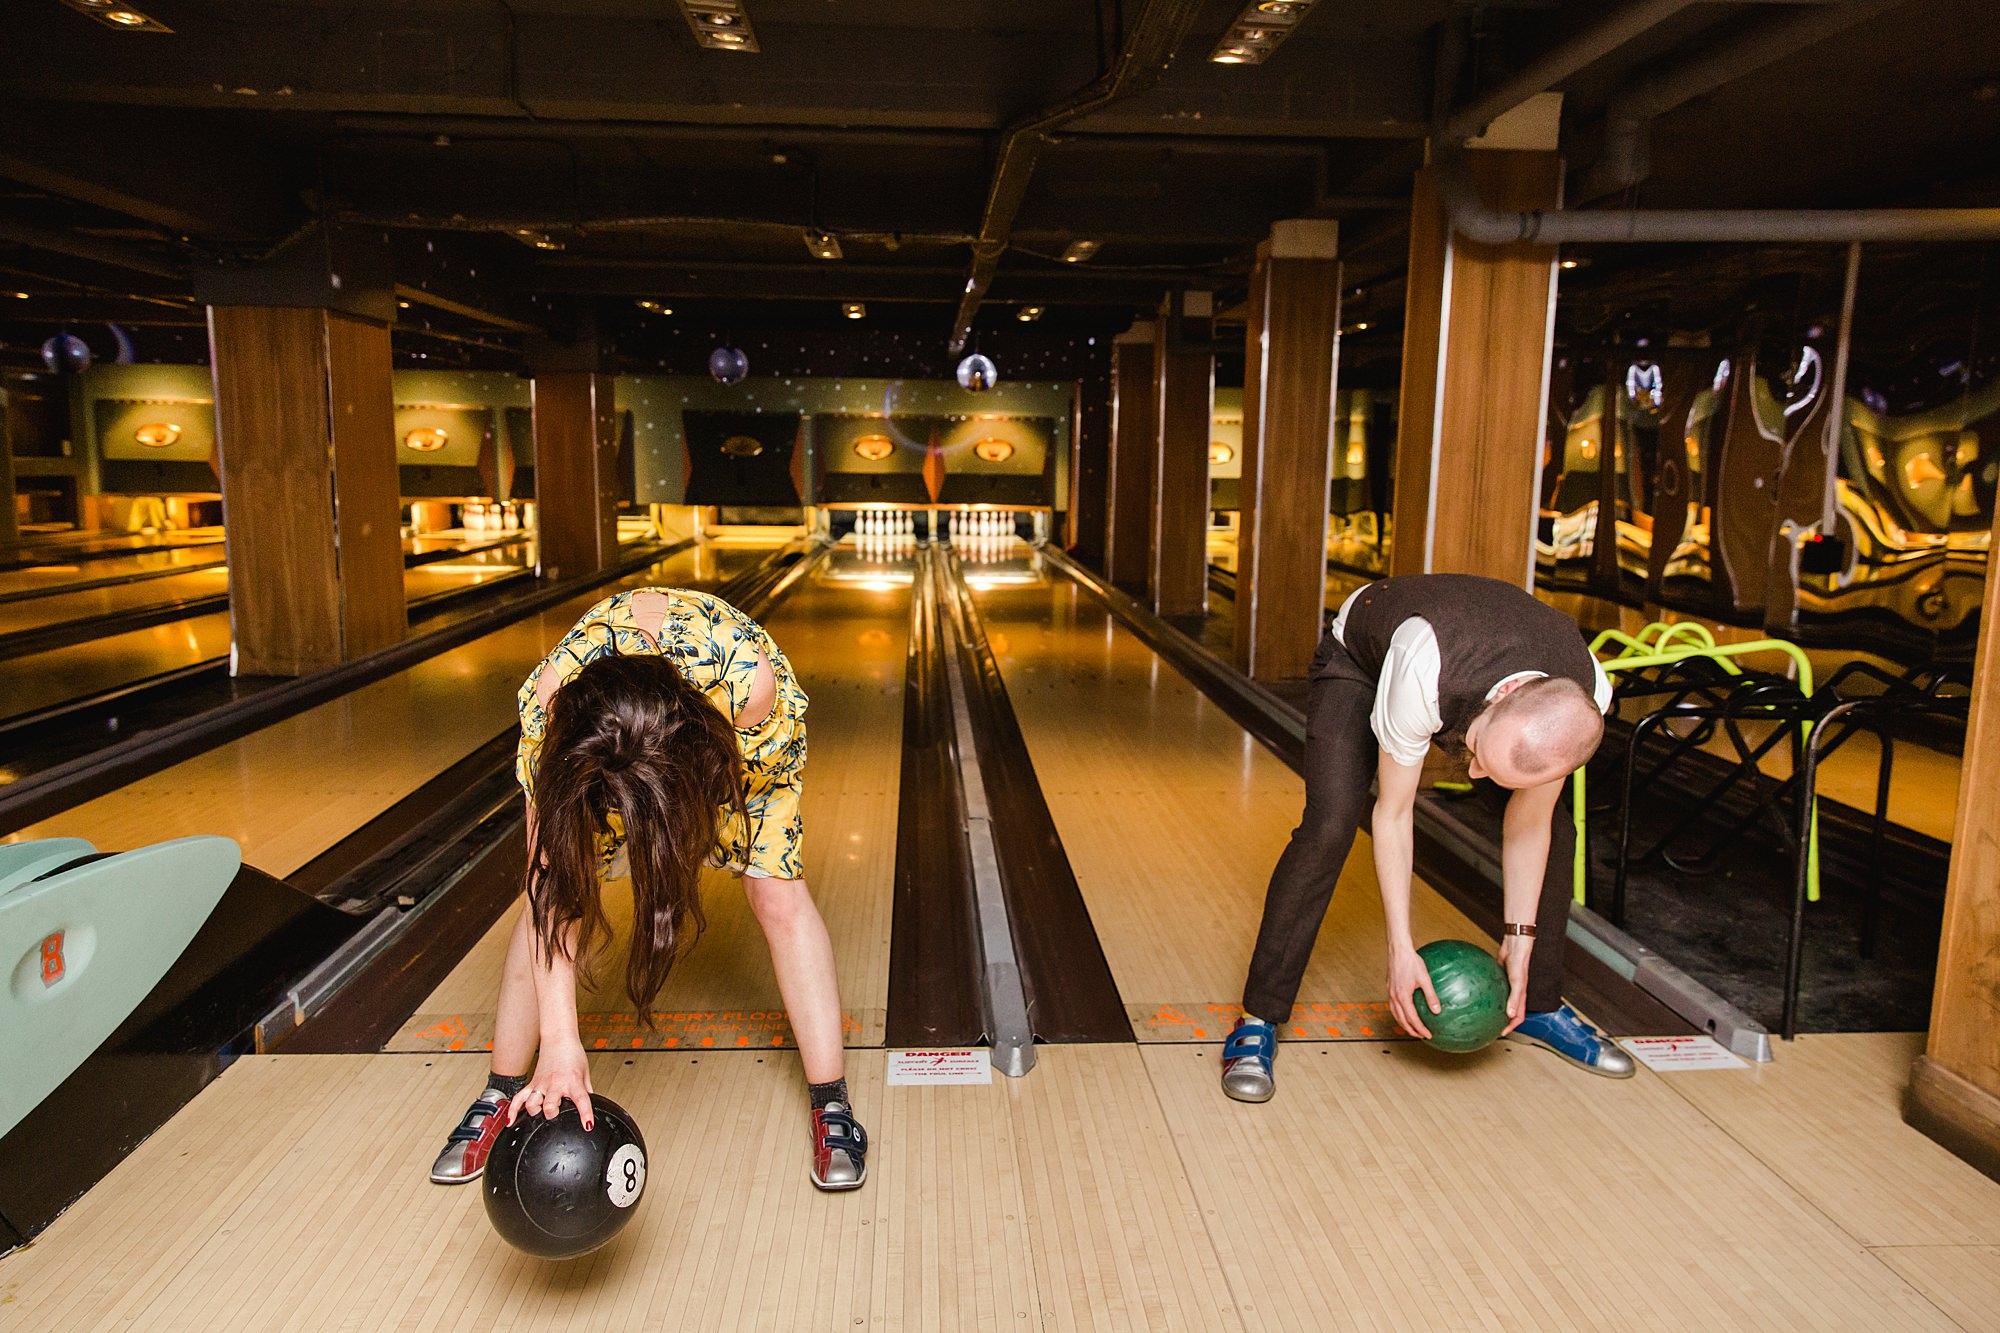 fun london wedding bowling fun guests